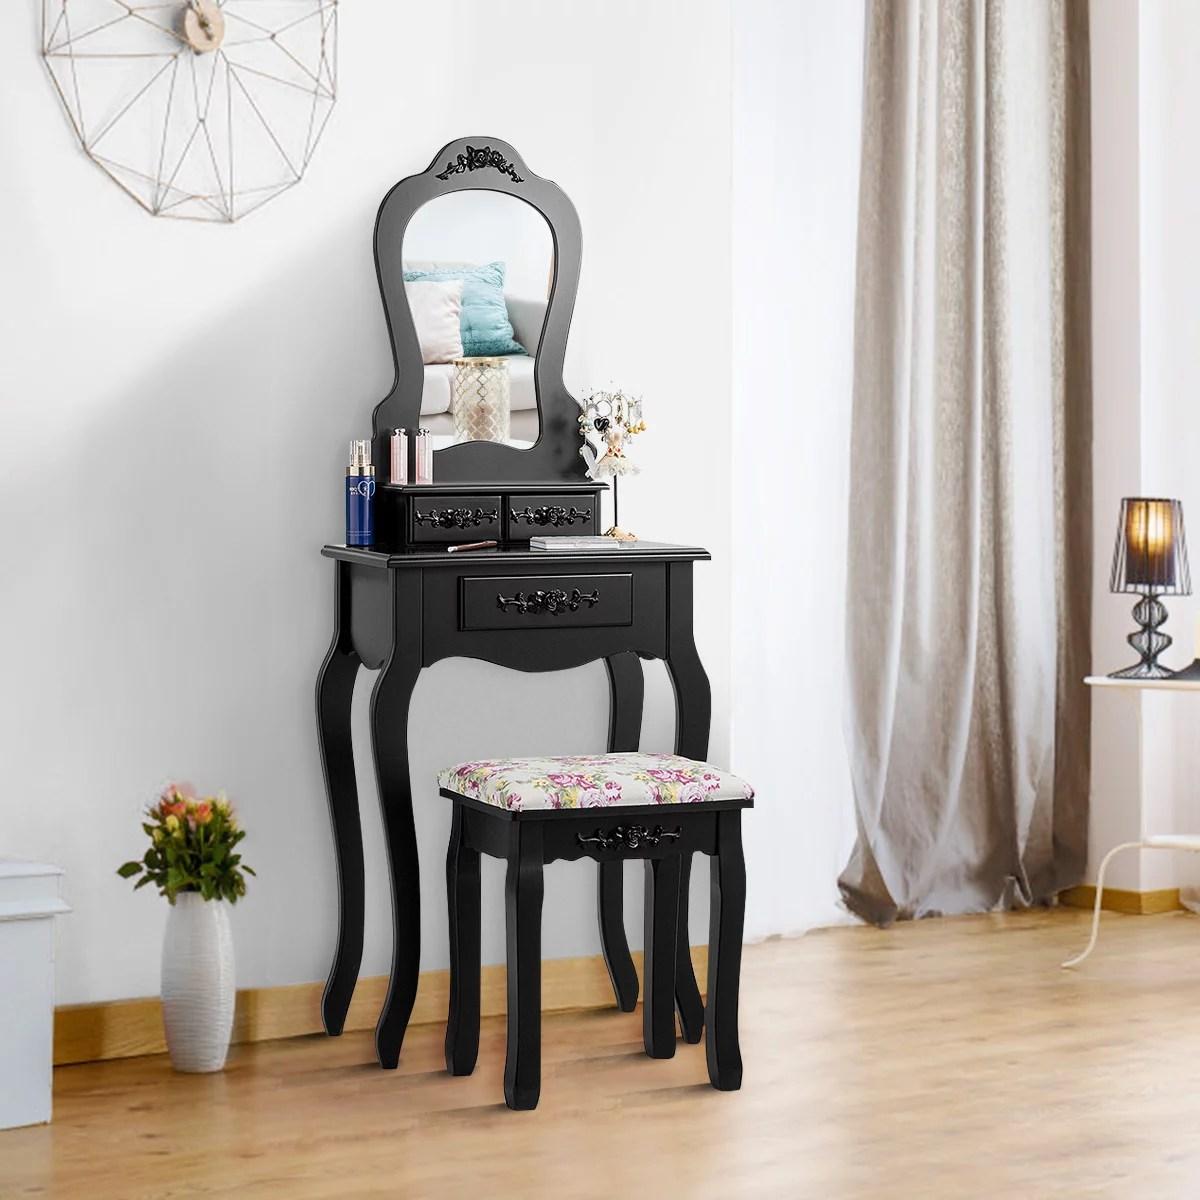 costway vanity jewelry makeup dressing table set bathroom w stool drawer mirror wood desk white black